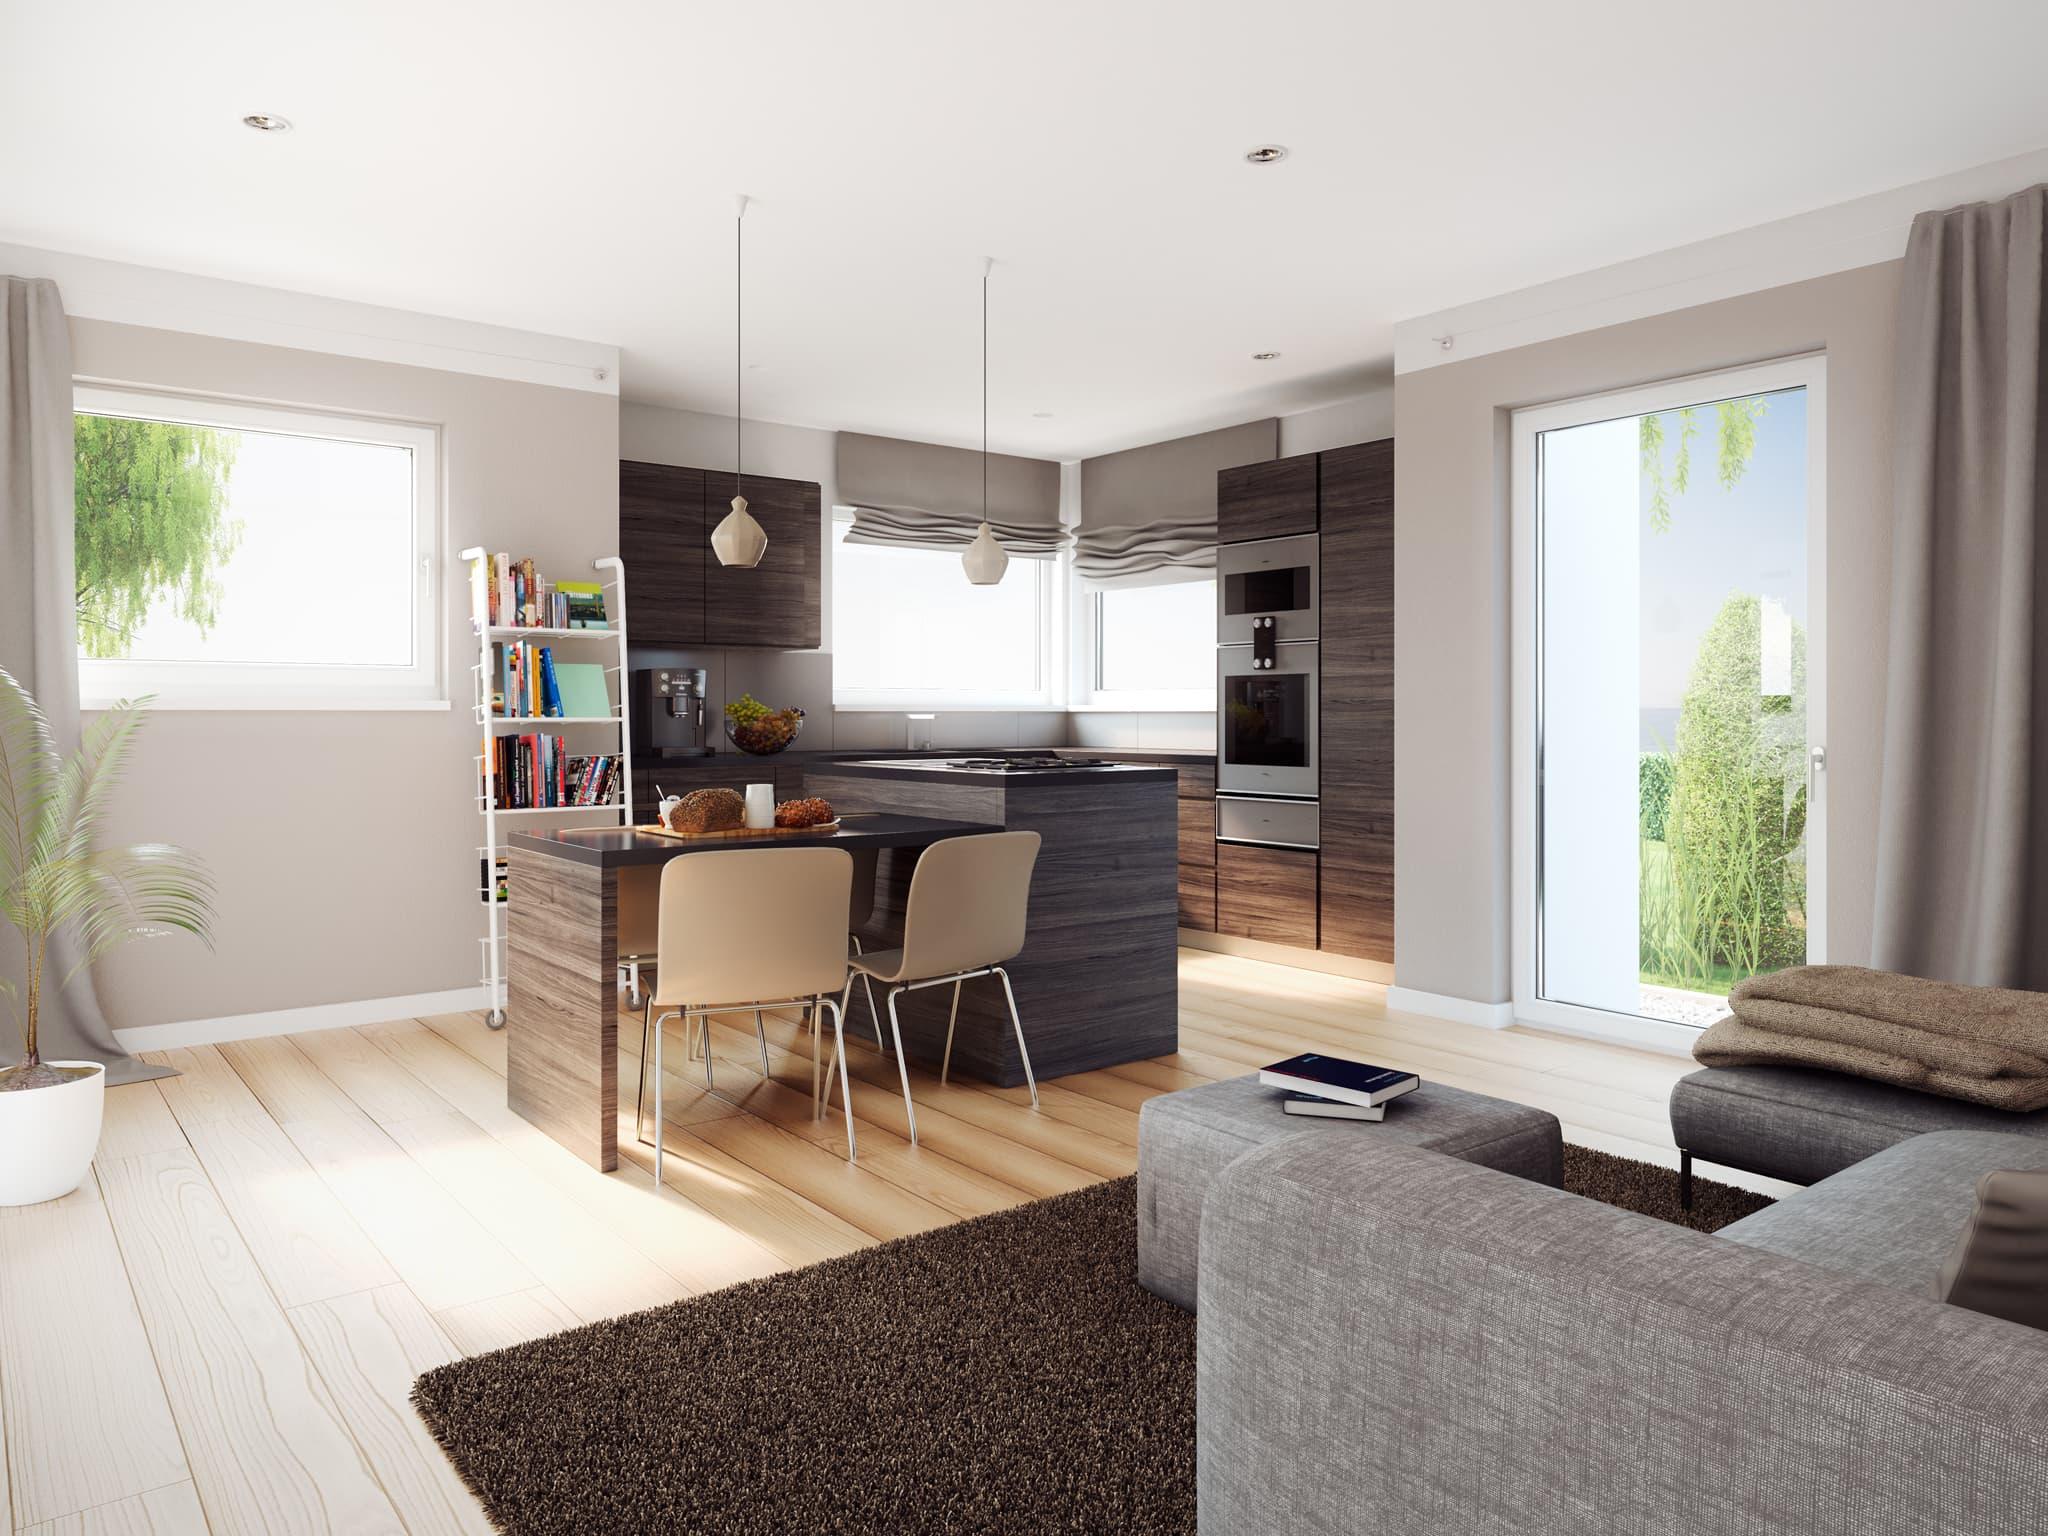 Offenes Wohn-Esszimmer mit Küche - Ideen Inneneinrichtung Einliegerwohnung Living Haus SOLUTION 183 V5 - HausbauDirekt.de